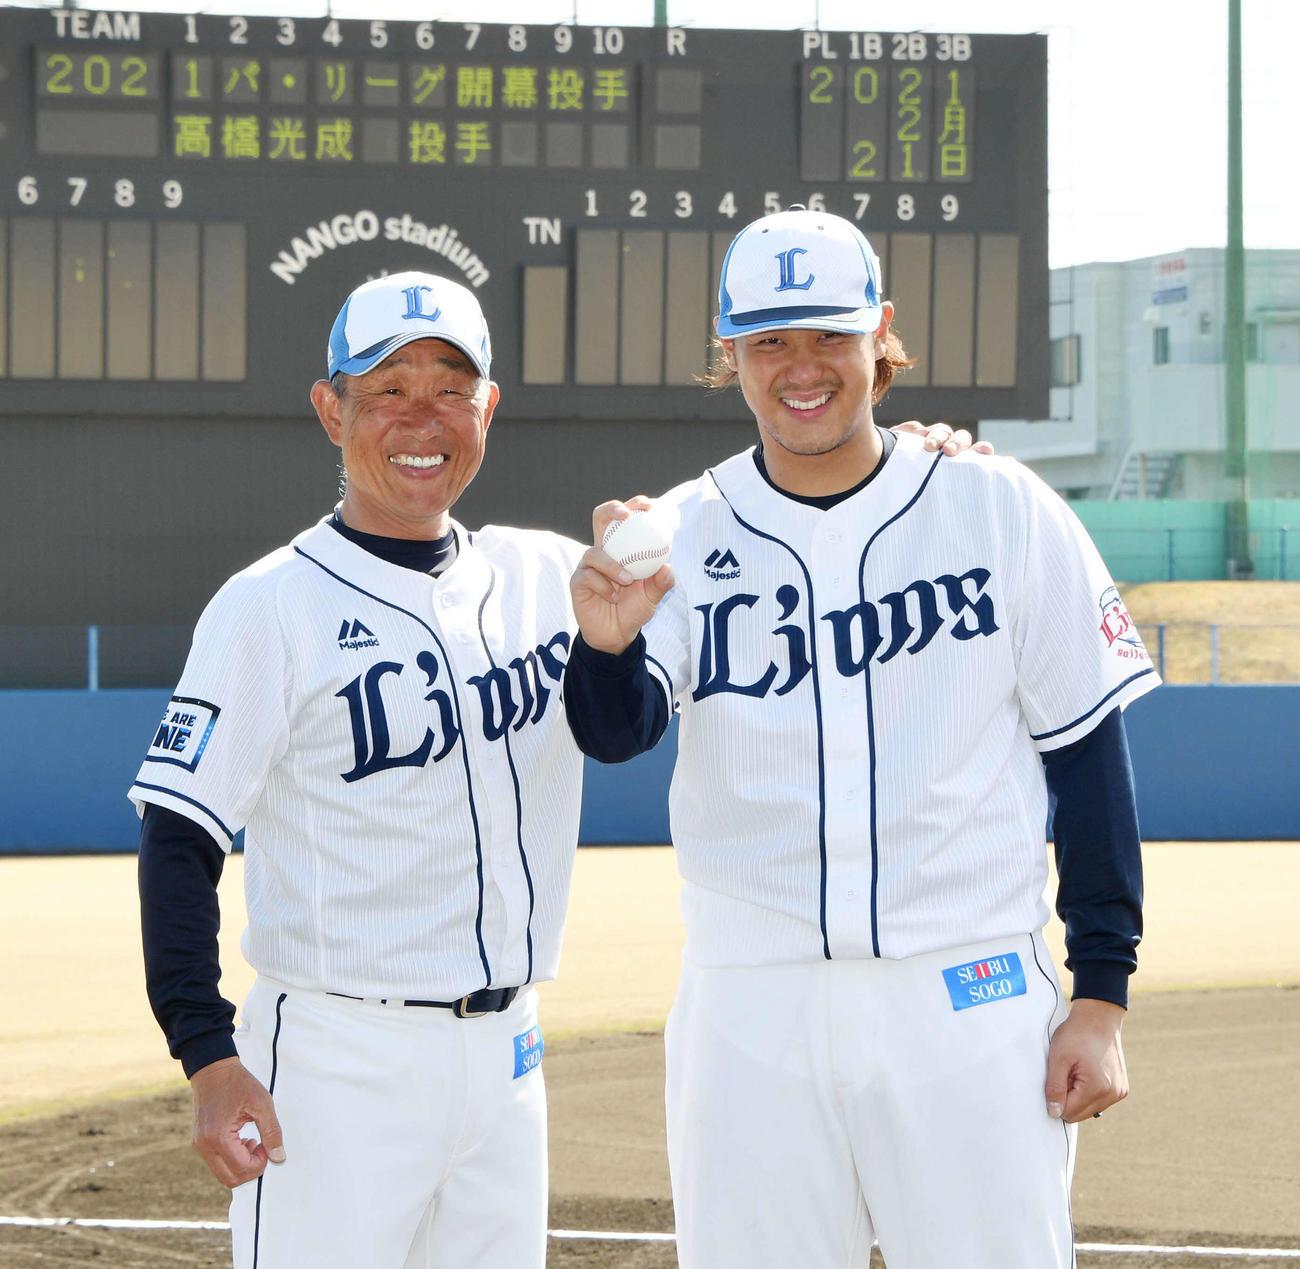 開幕投手に指名された西武高橋(右)は辻監督とポーズを決める(撮影・滝沢徹郎)